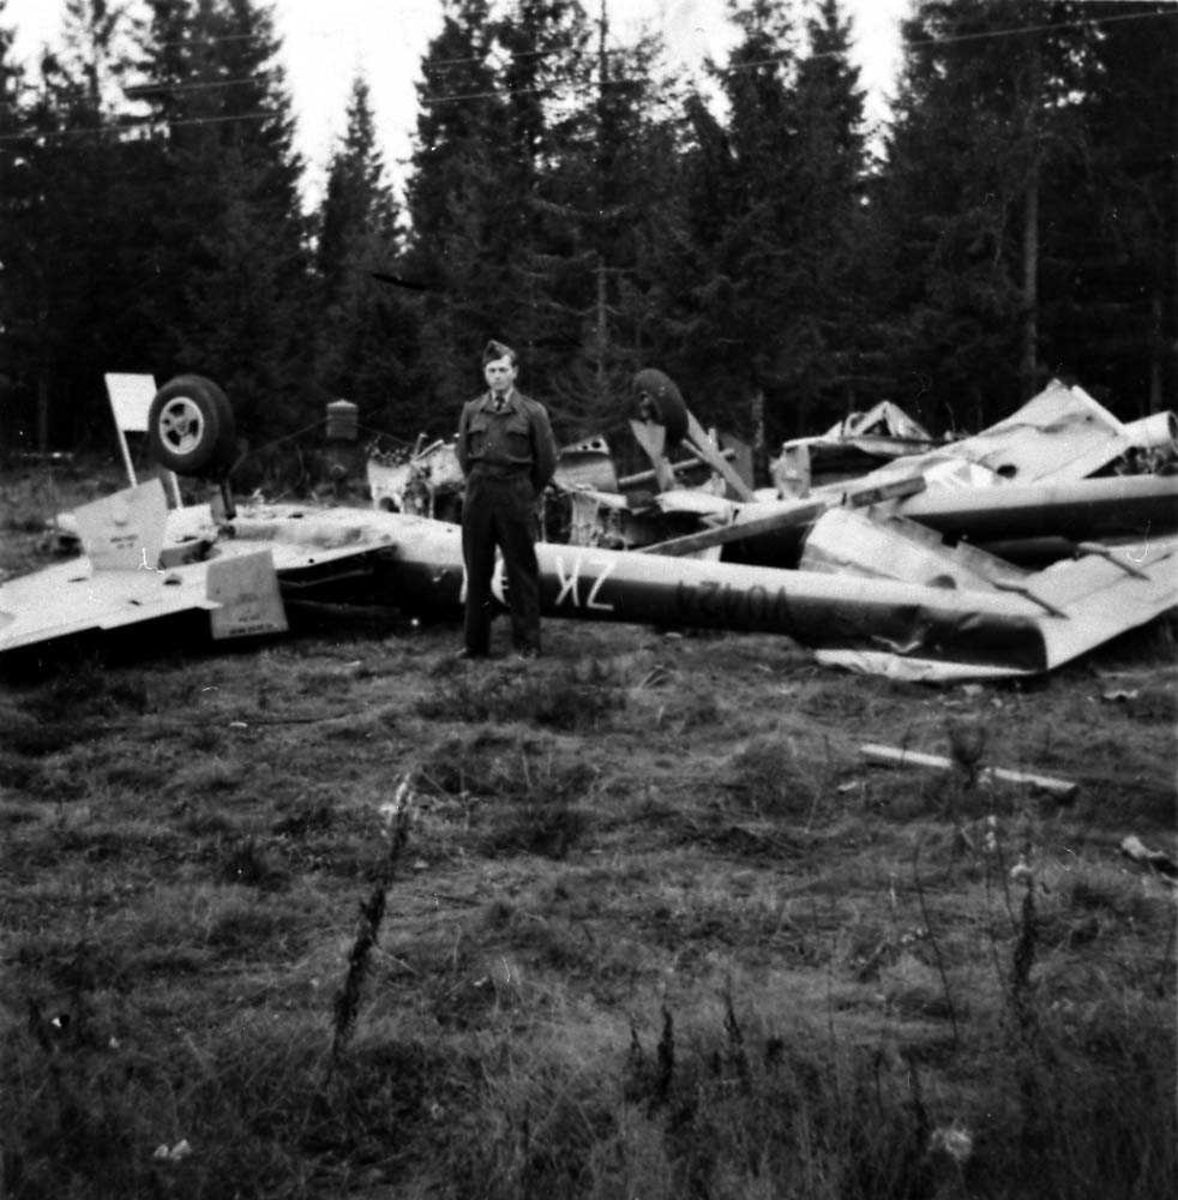 Ett fly som ligger ødelaget ute i en skog etter et totalhavari, Vampire FB Mk 52. En person står foran flyet.